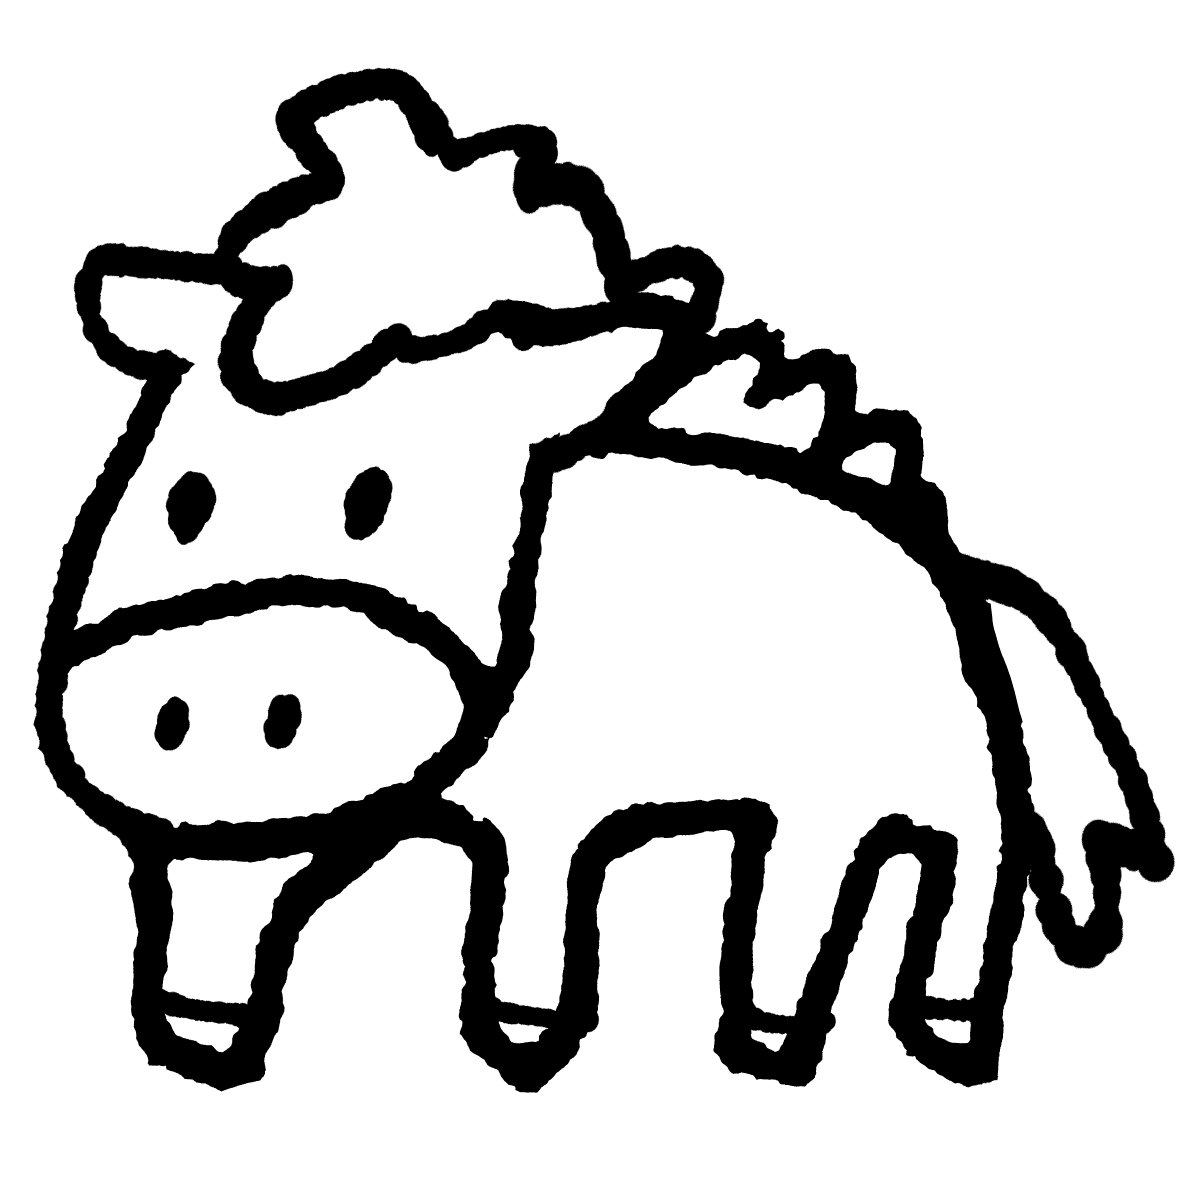 立つ馬のイラスト / Standing horse Illustration